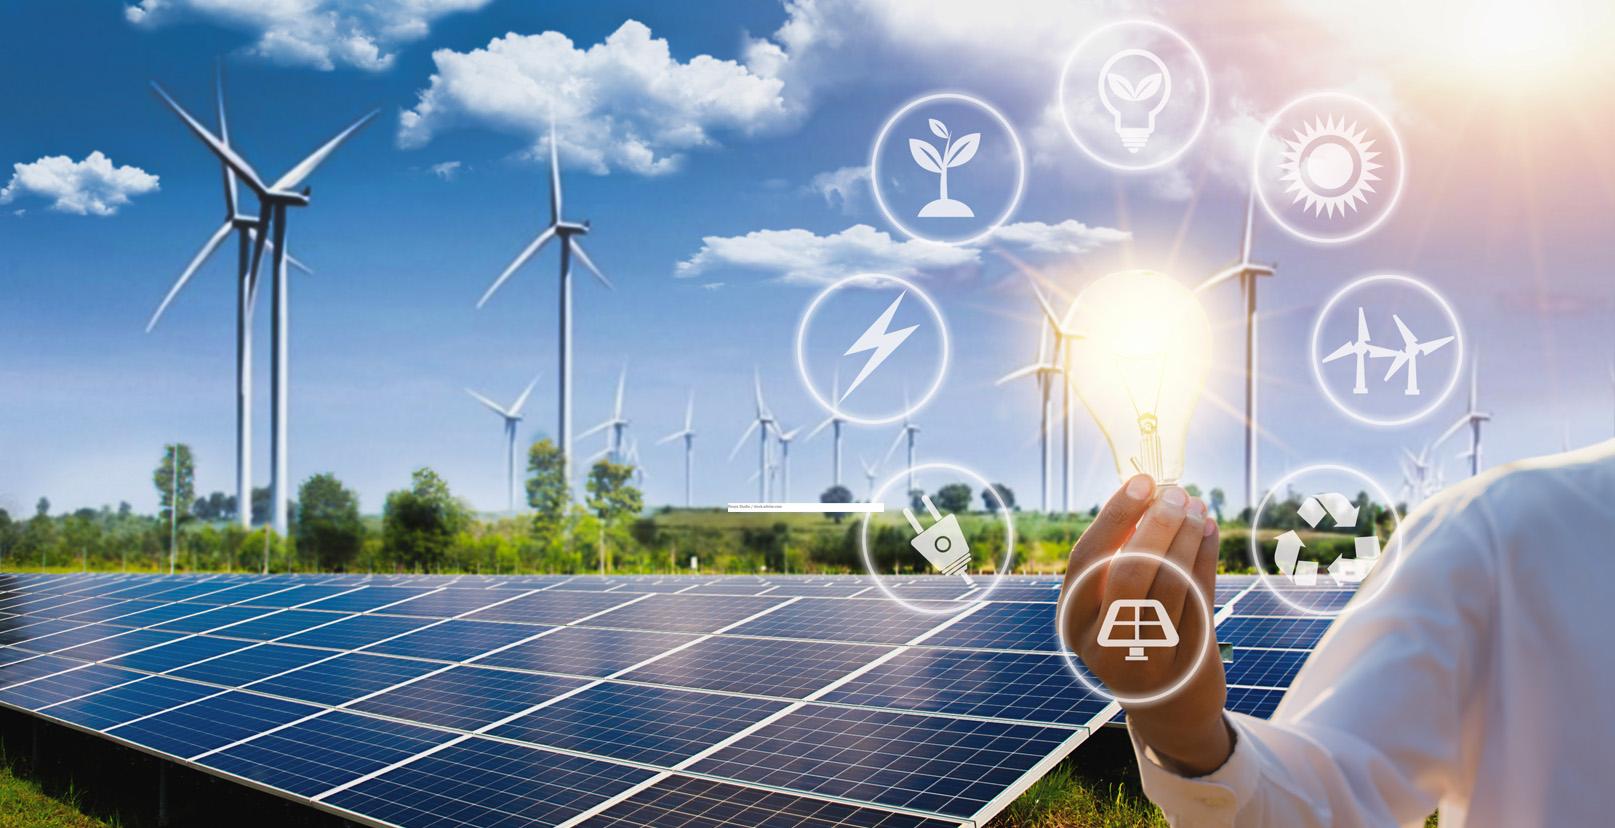 Die Energiewende zum Kunden bringen